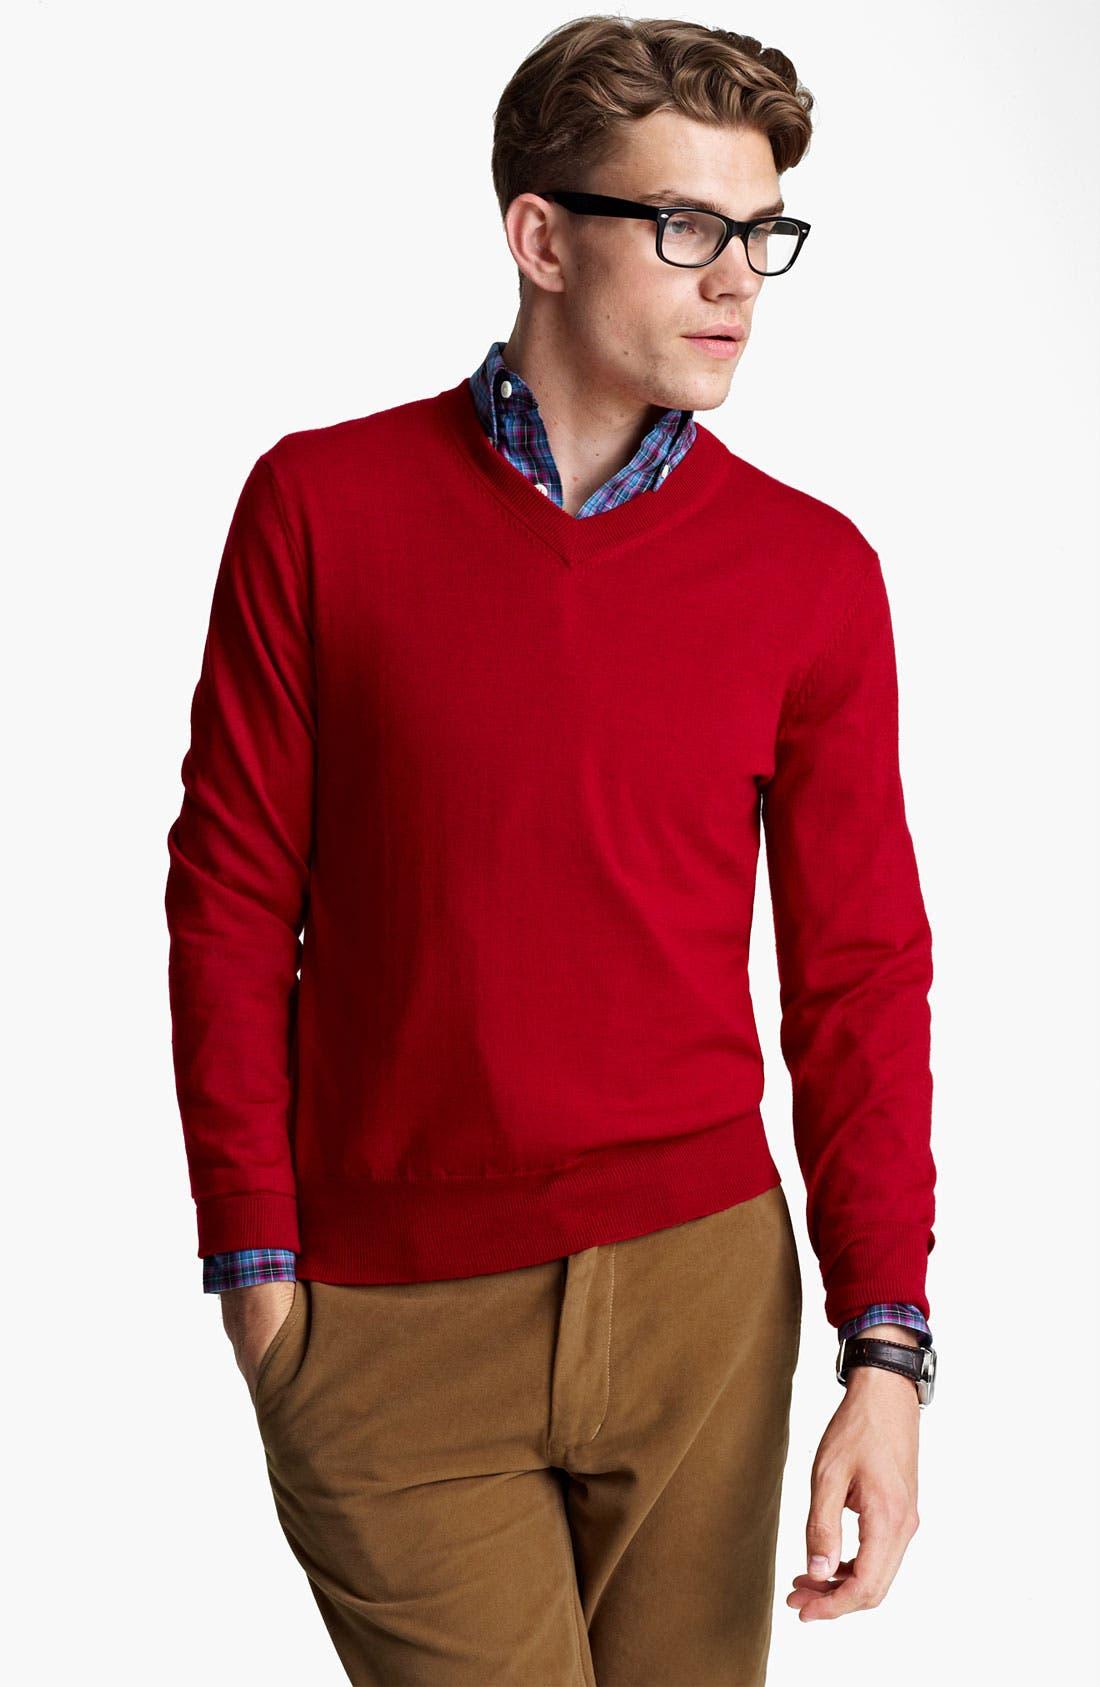 Alternate Image 1 Selected - Jack Spade 'Emmet' V-Neck Sweater